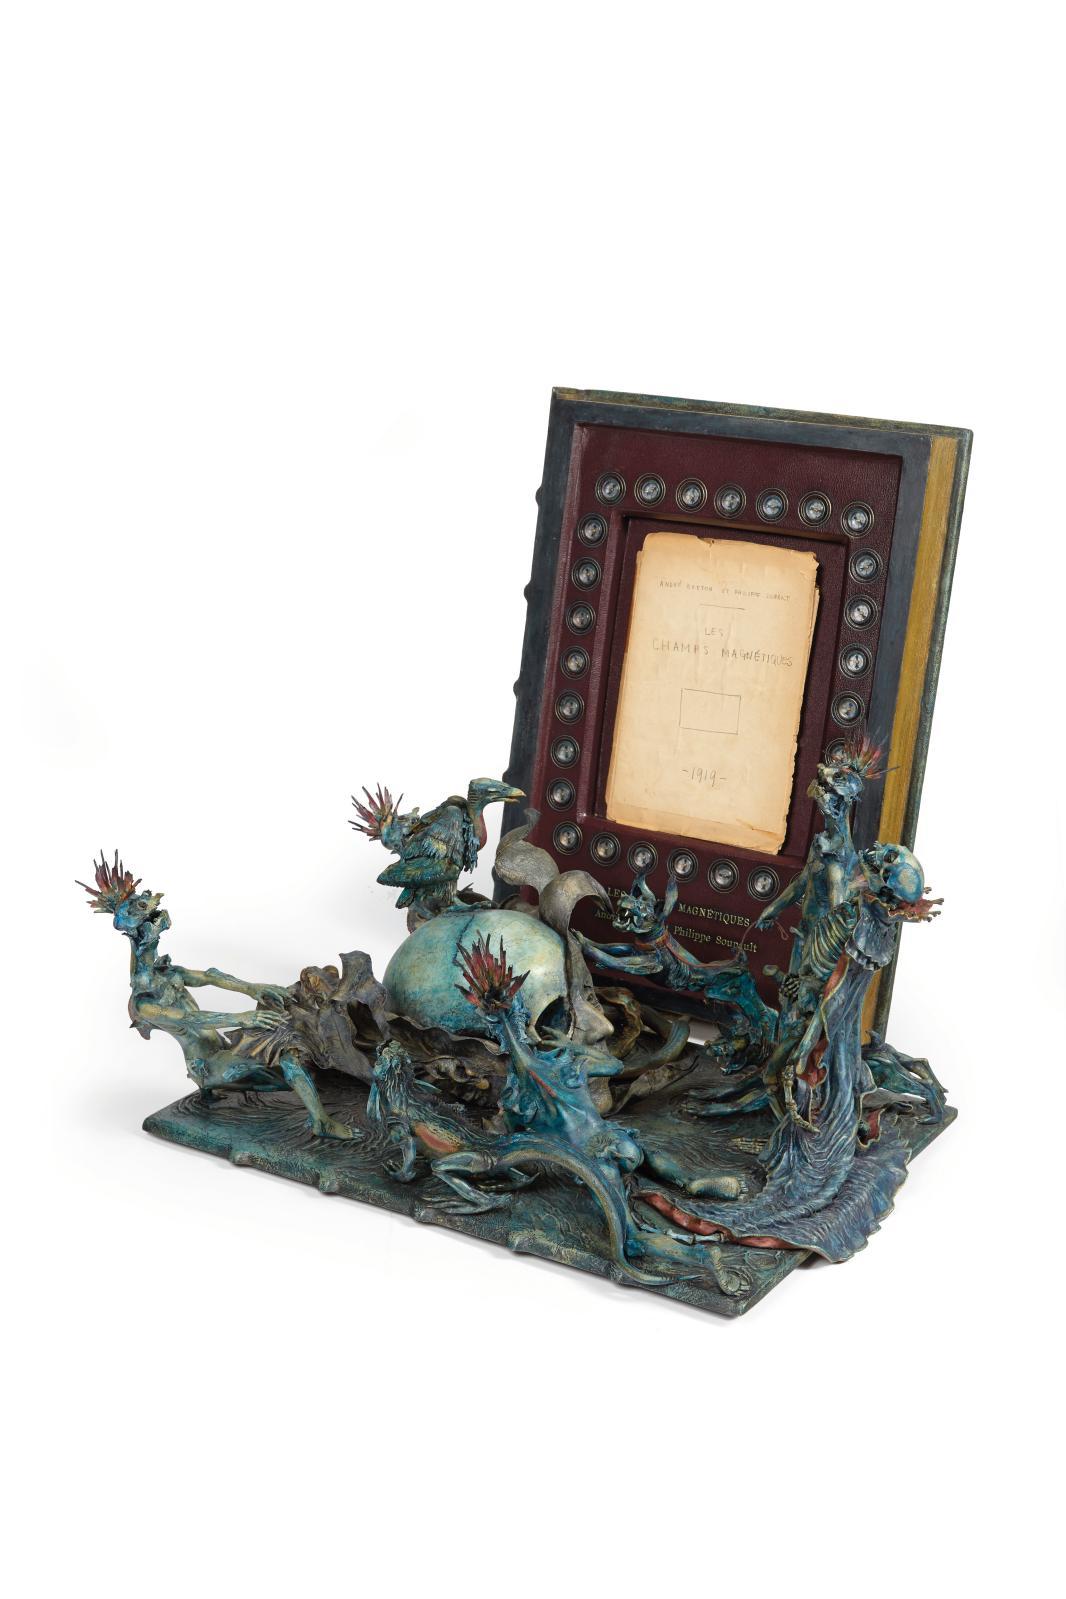 André Breton (1896-1966) & Philippe Soupault (1897-1990), Les Champs magnétiques, 1919, manuscrit autographe à deux mains, in-8°, composé